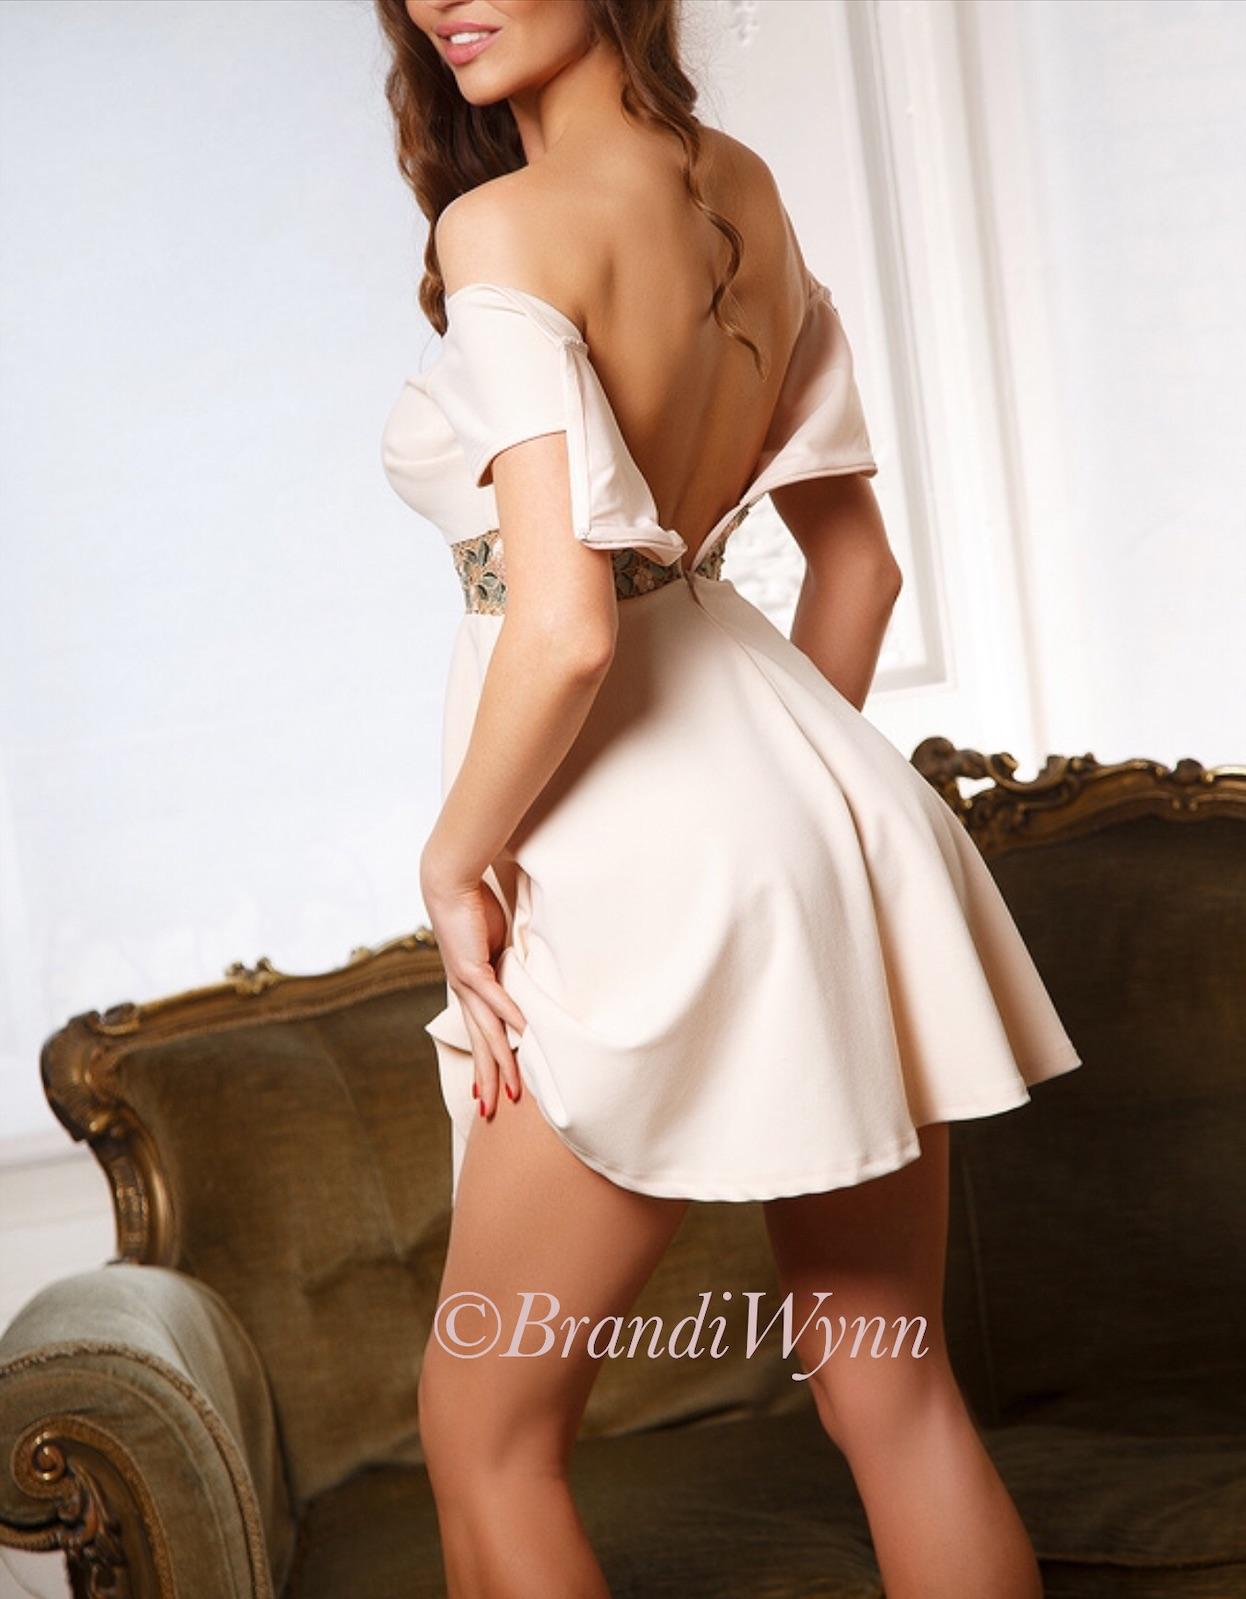 Brandi Wynn 7